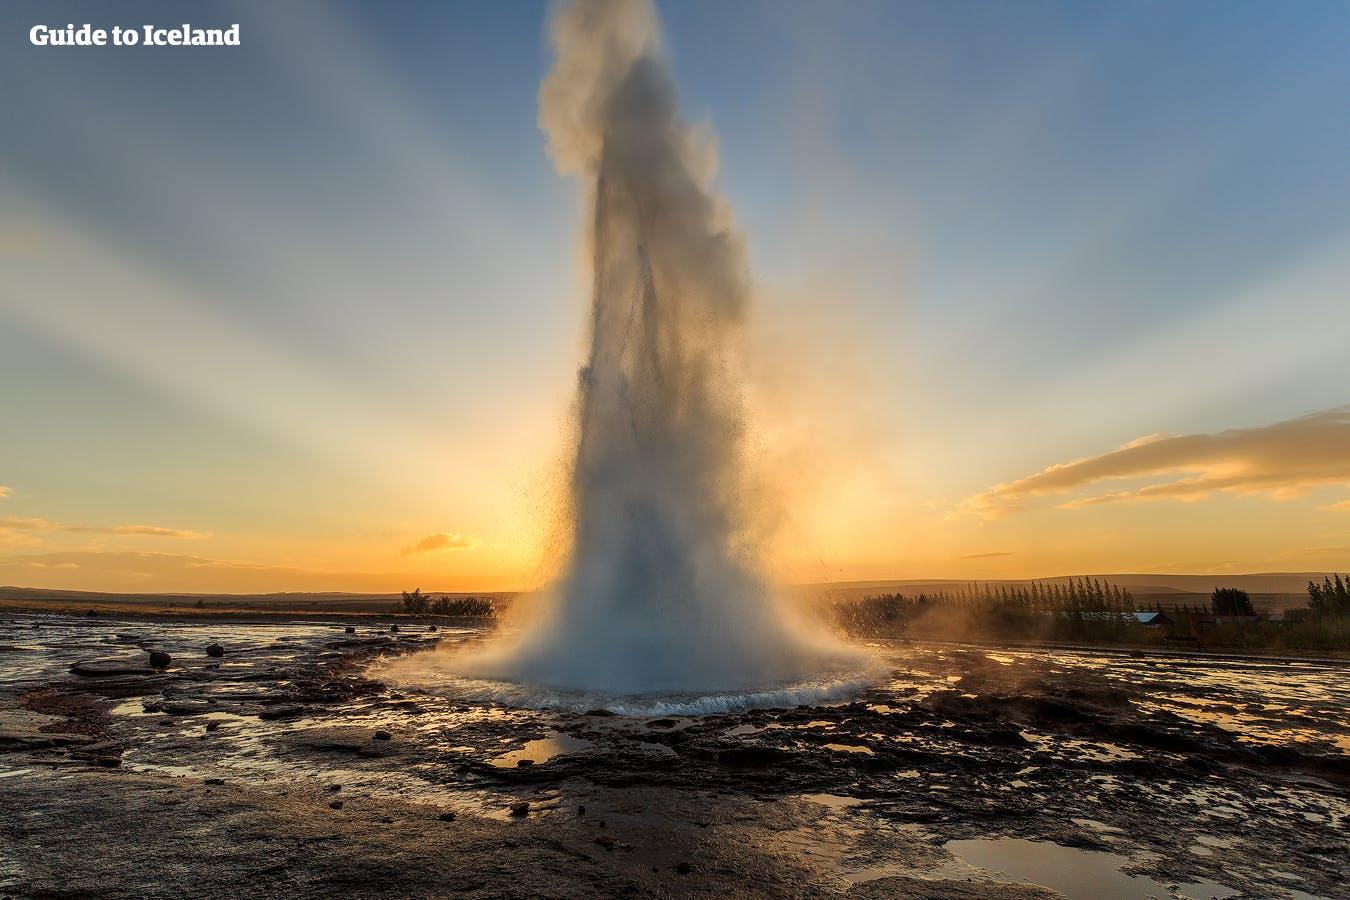 ไกเซอร์พ่นน้ำที่ทุ่งน้ำพุร้อนไกเซอร์ หนึ่งในแหล่งท่องเที่ยวยอดนิยมบนเส้นทางวงกลมทองคำ